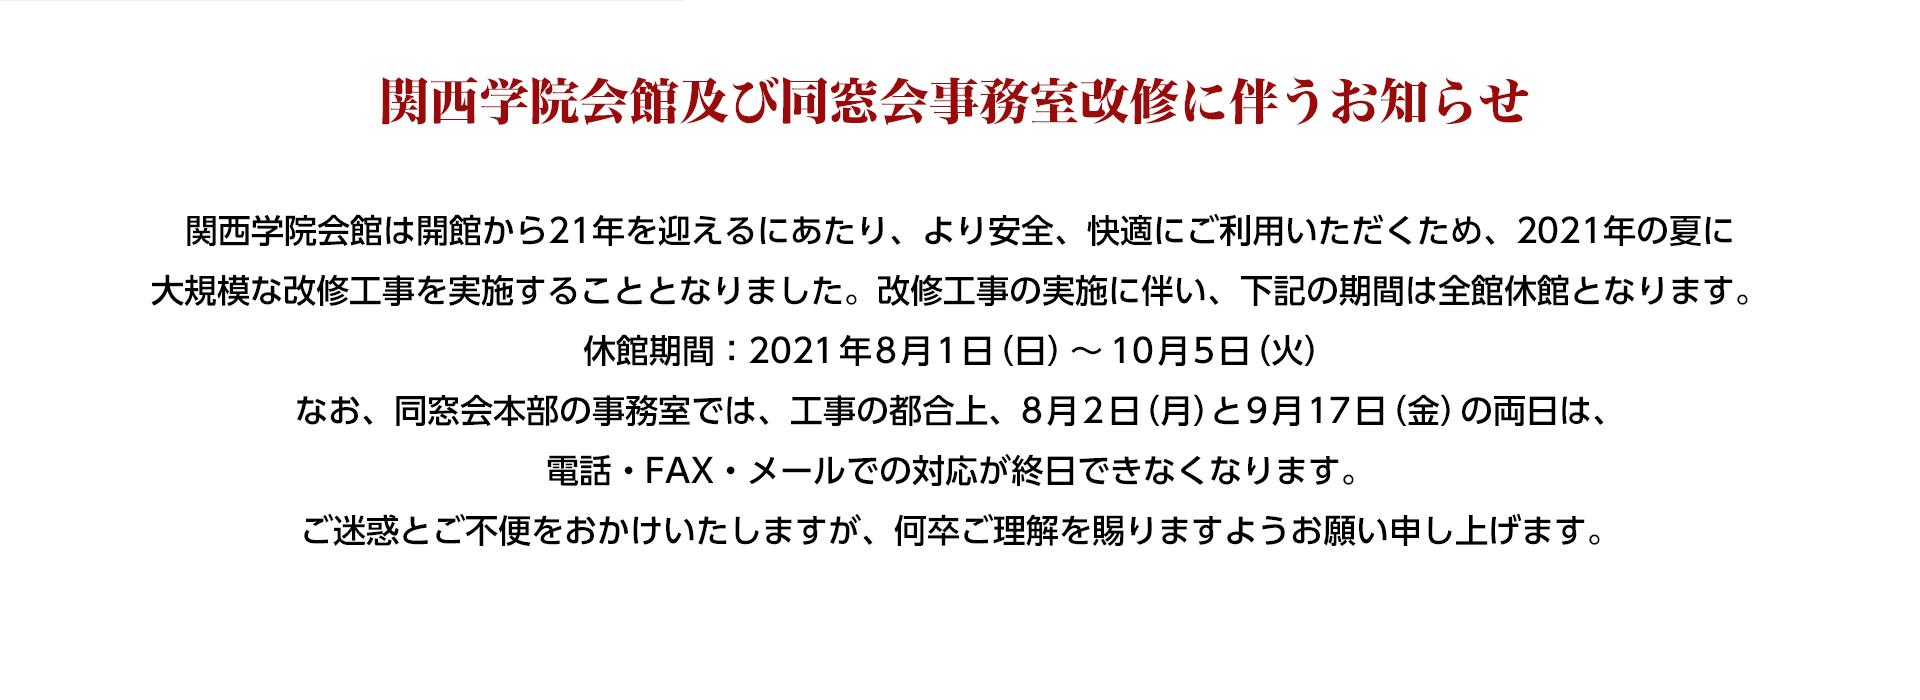 関西学院会館および同窓会事務室改修に伴うお知らせ